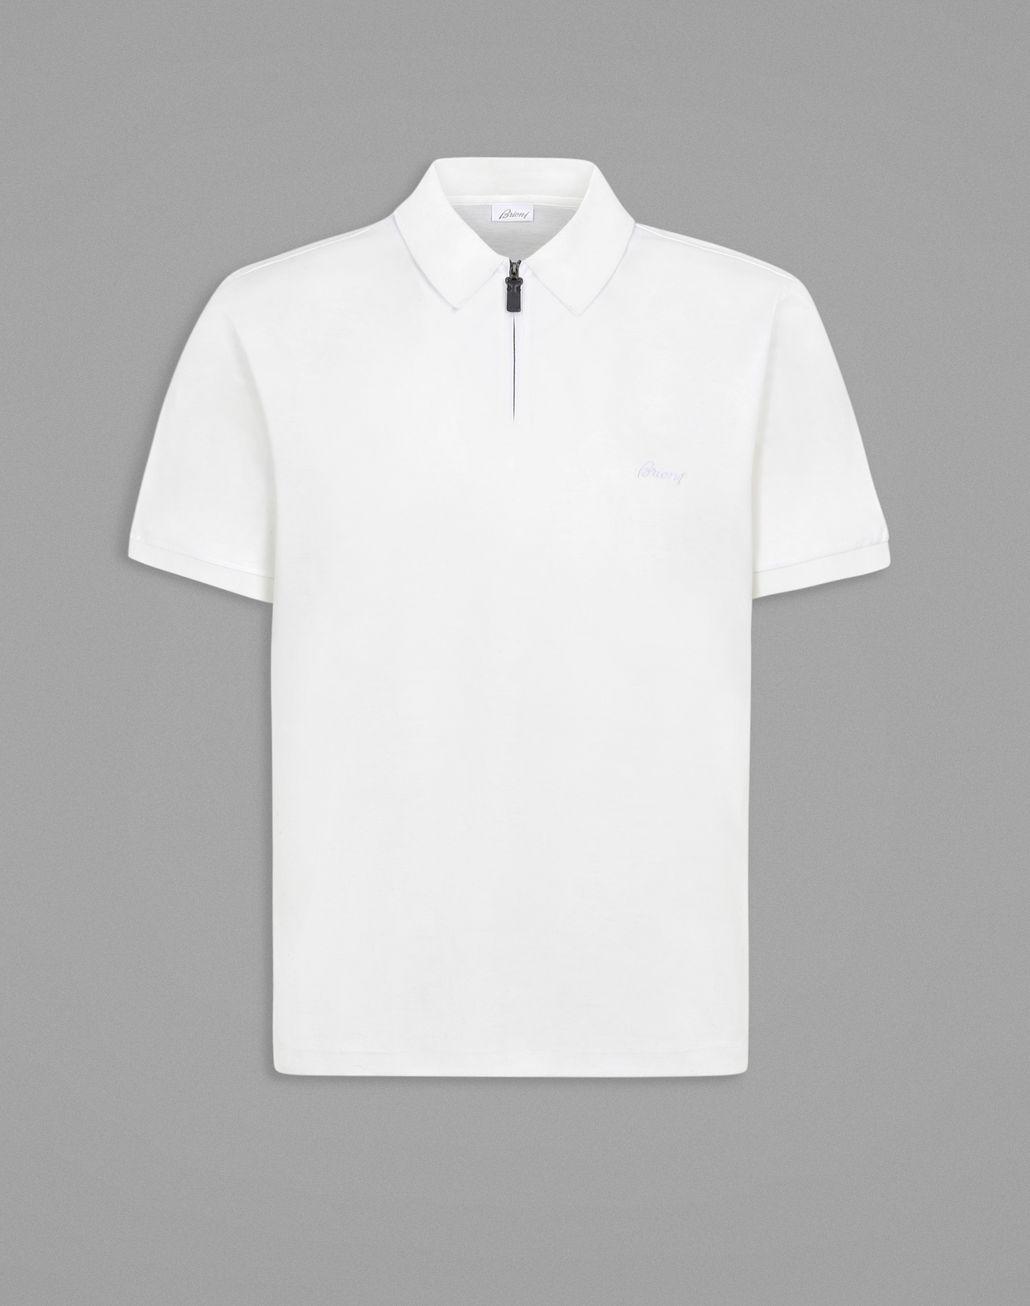 BRIONI White Polo T-Shirt. T-Shirts & Polos Man f